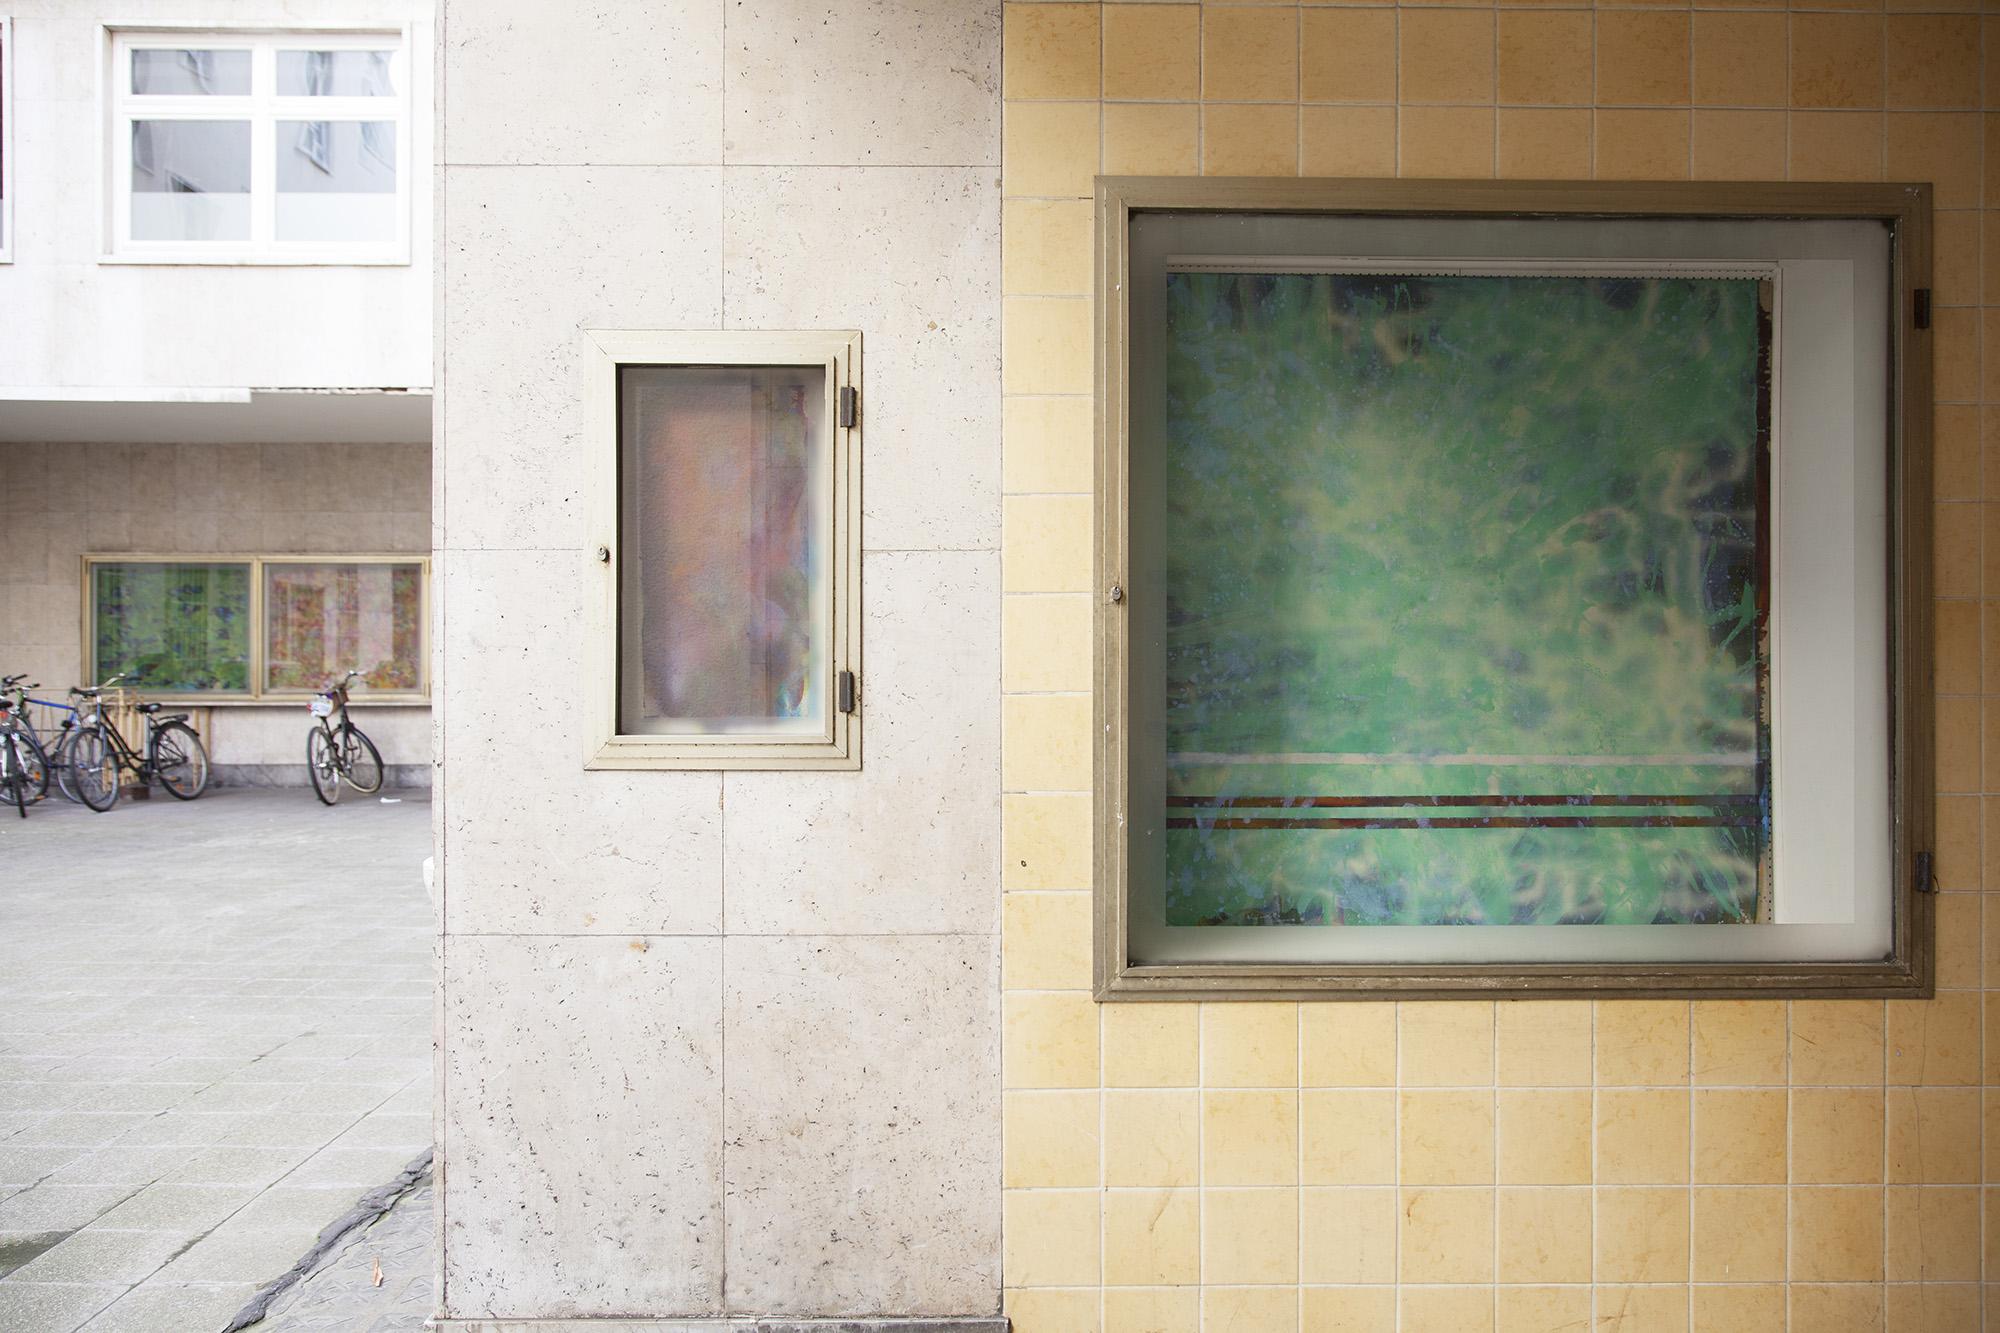 9 - Tyra Tingleff at Chert Berlin